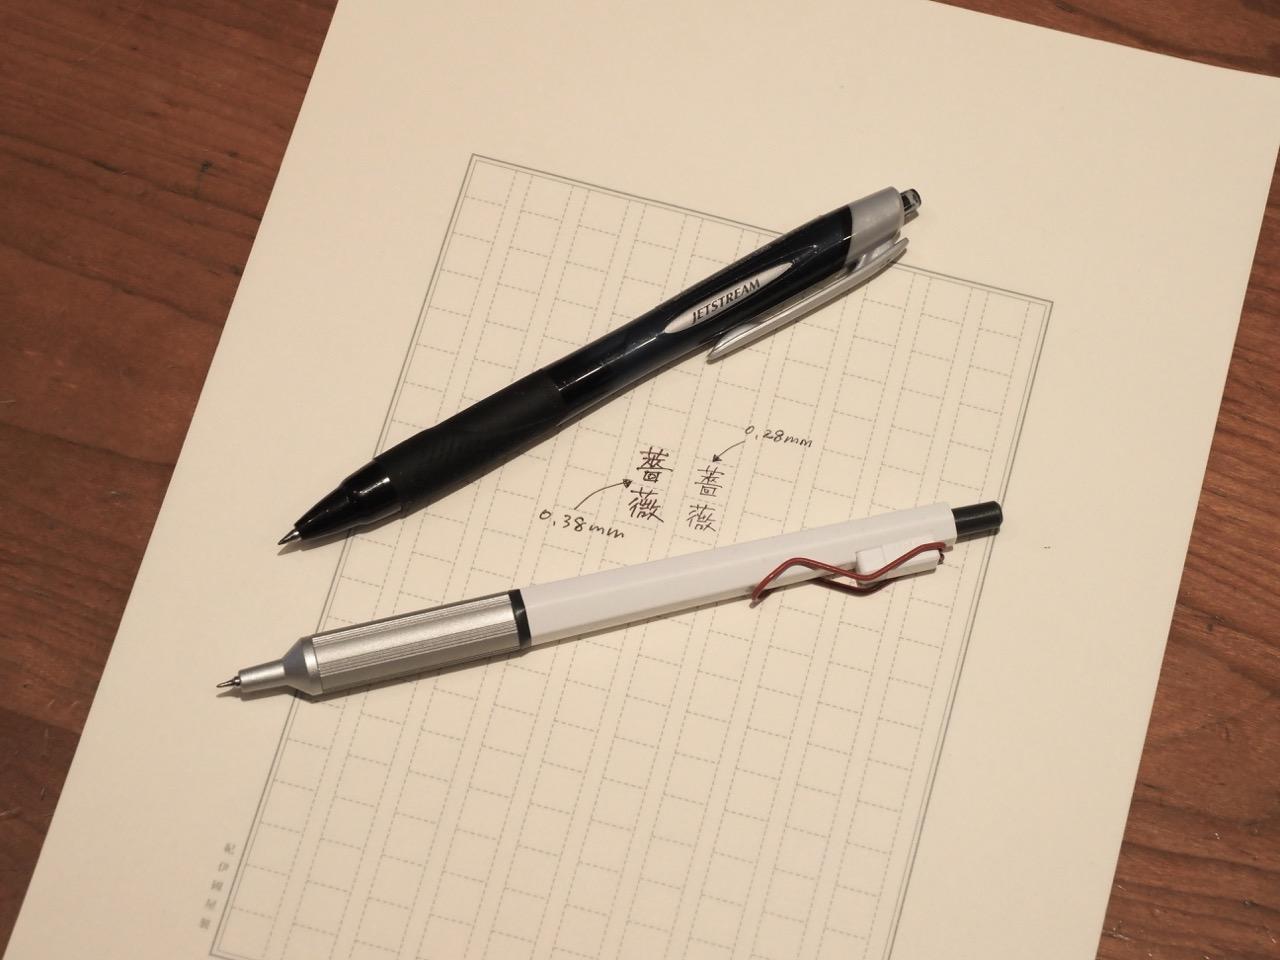 漢字を正しく書くための細字ペン